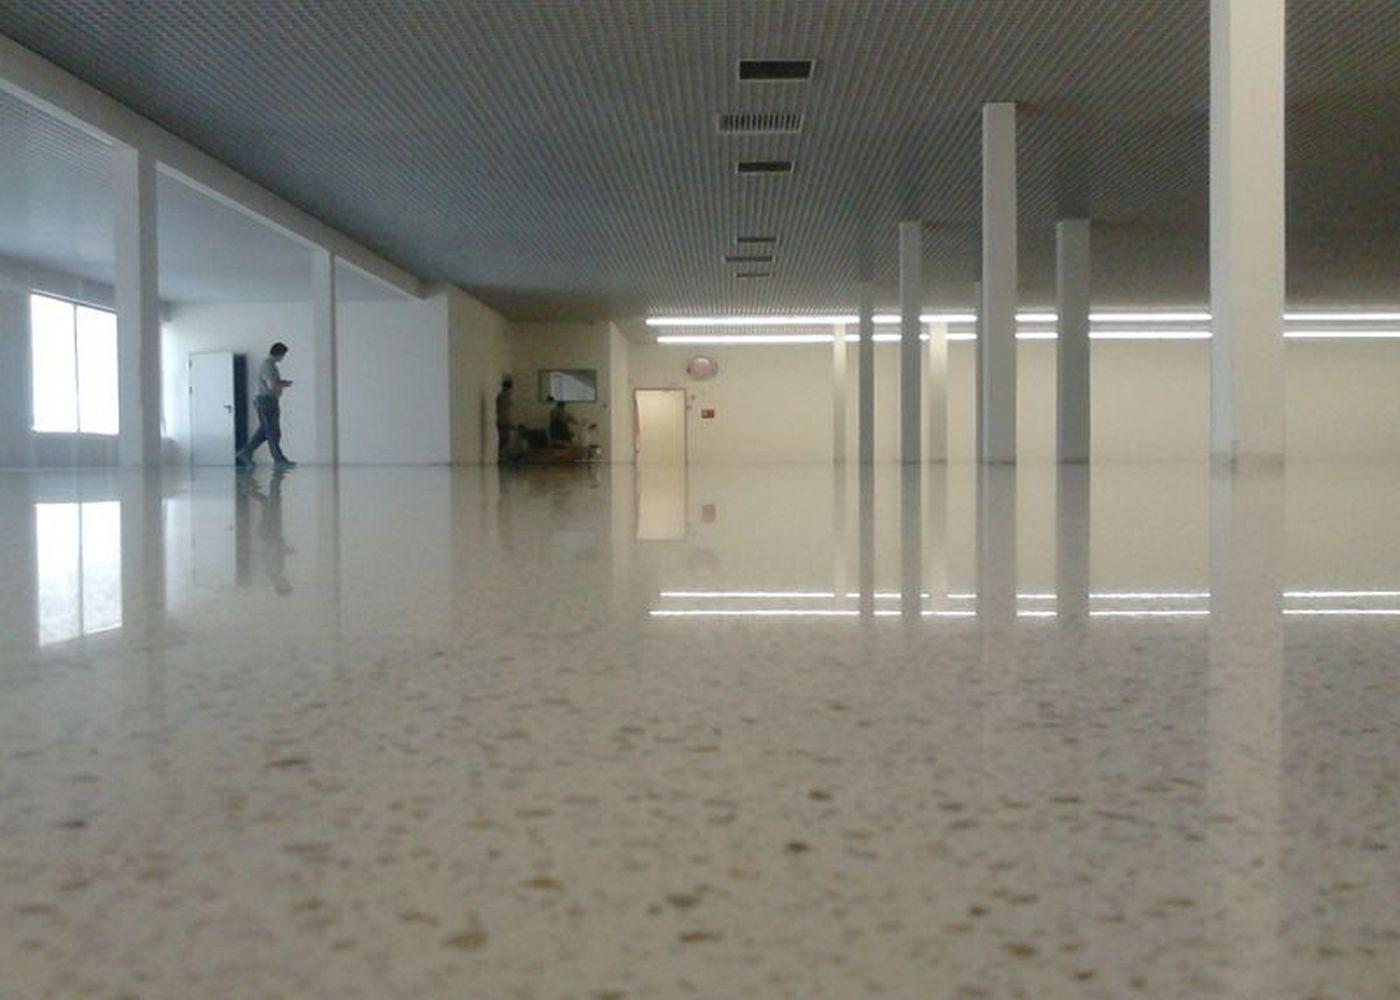 Pavimento for Oficinas lidl